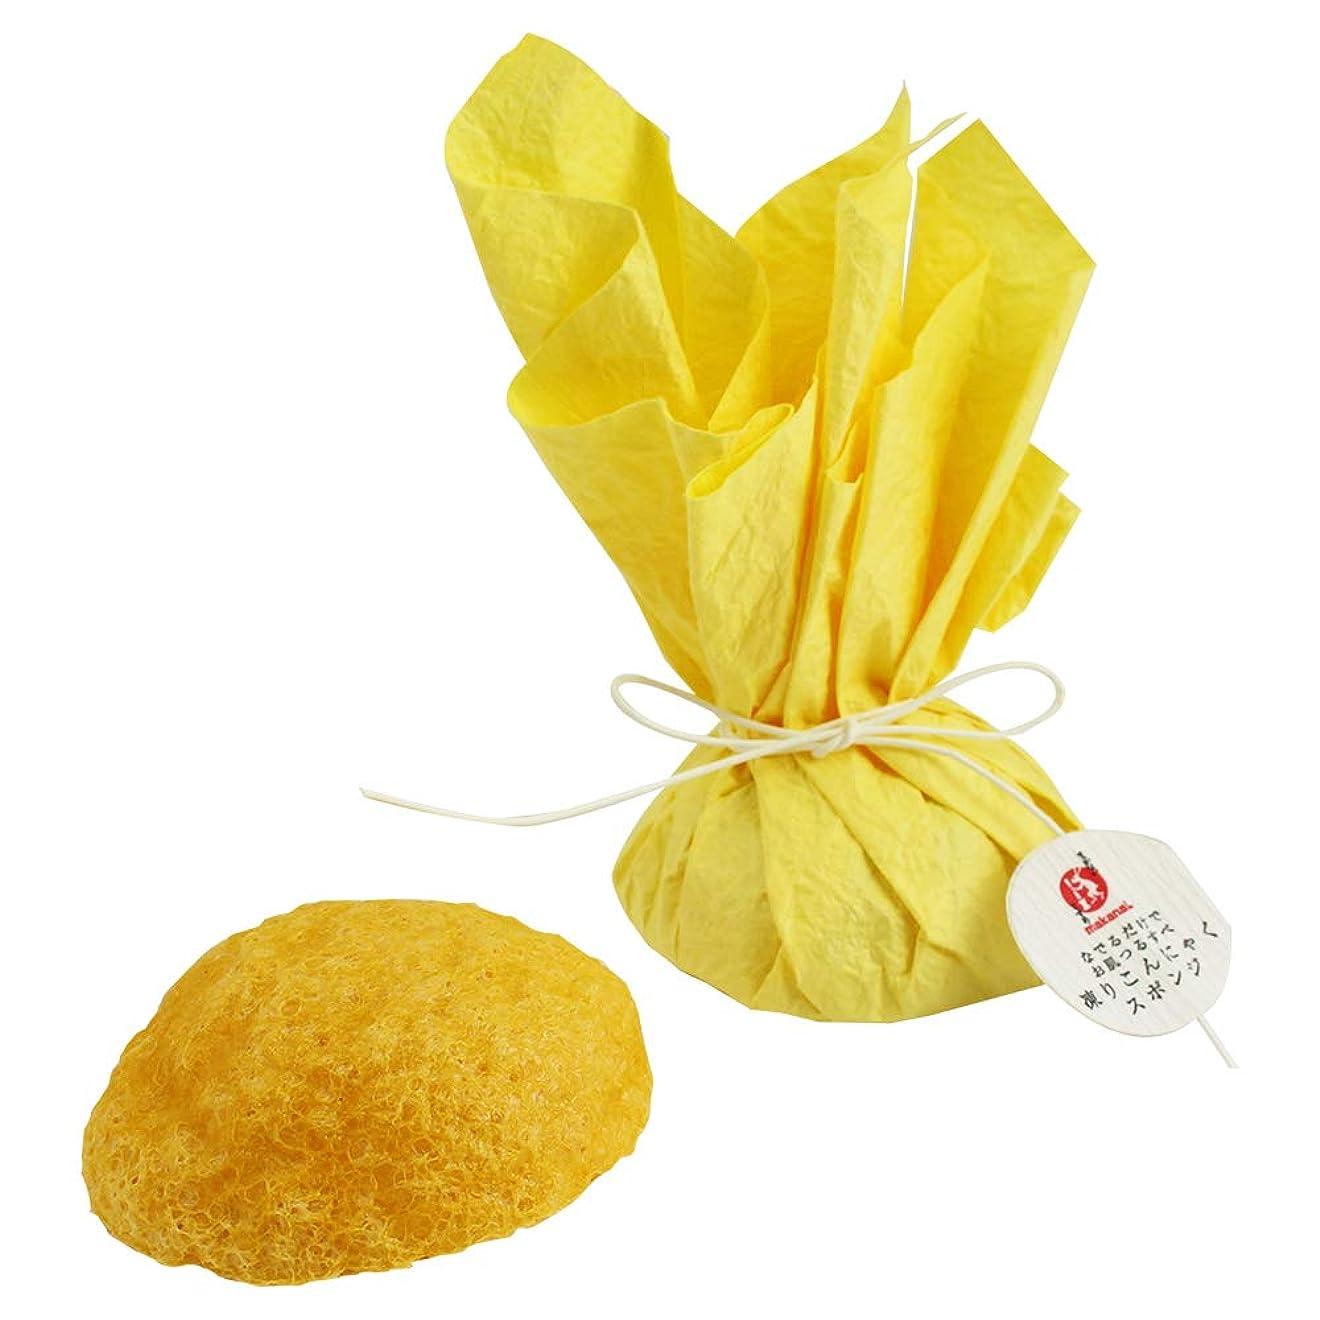 できる収束魚まかないこすめ 凍りこんにゃくスポンジ(柚子/黄色)